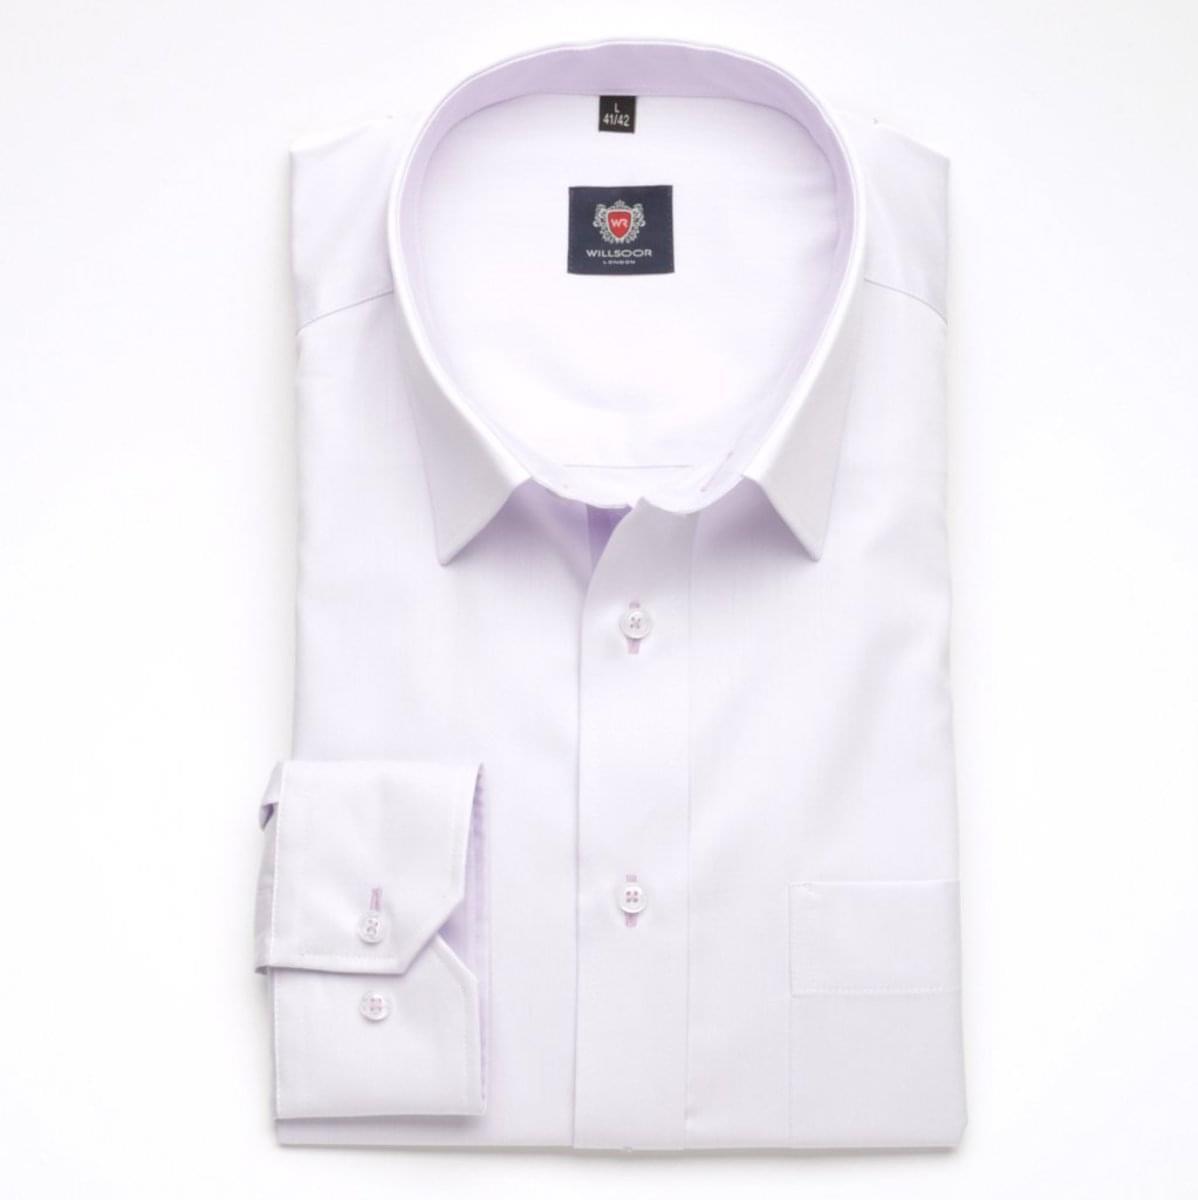 Pánská klasická košile London (výška 164-170) 5949 ve fialkové barvě s formulí Easy Care 164-170 / L (41/42)